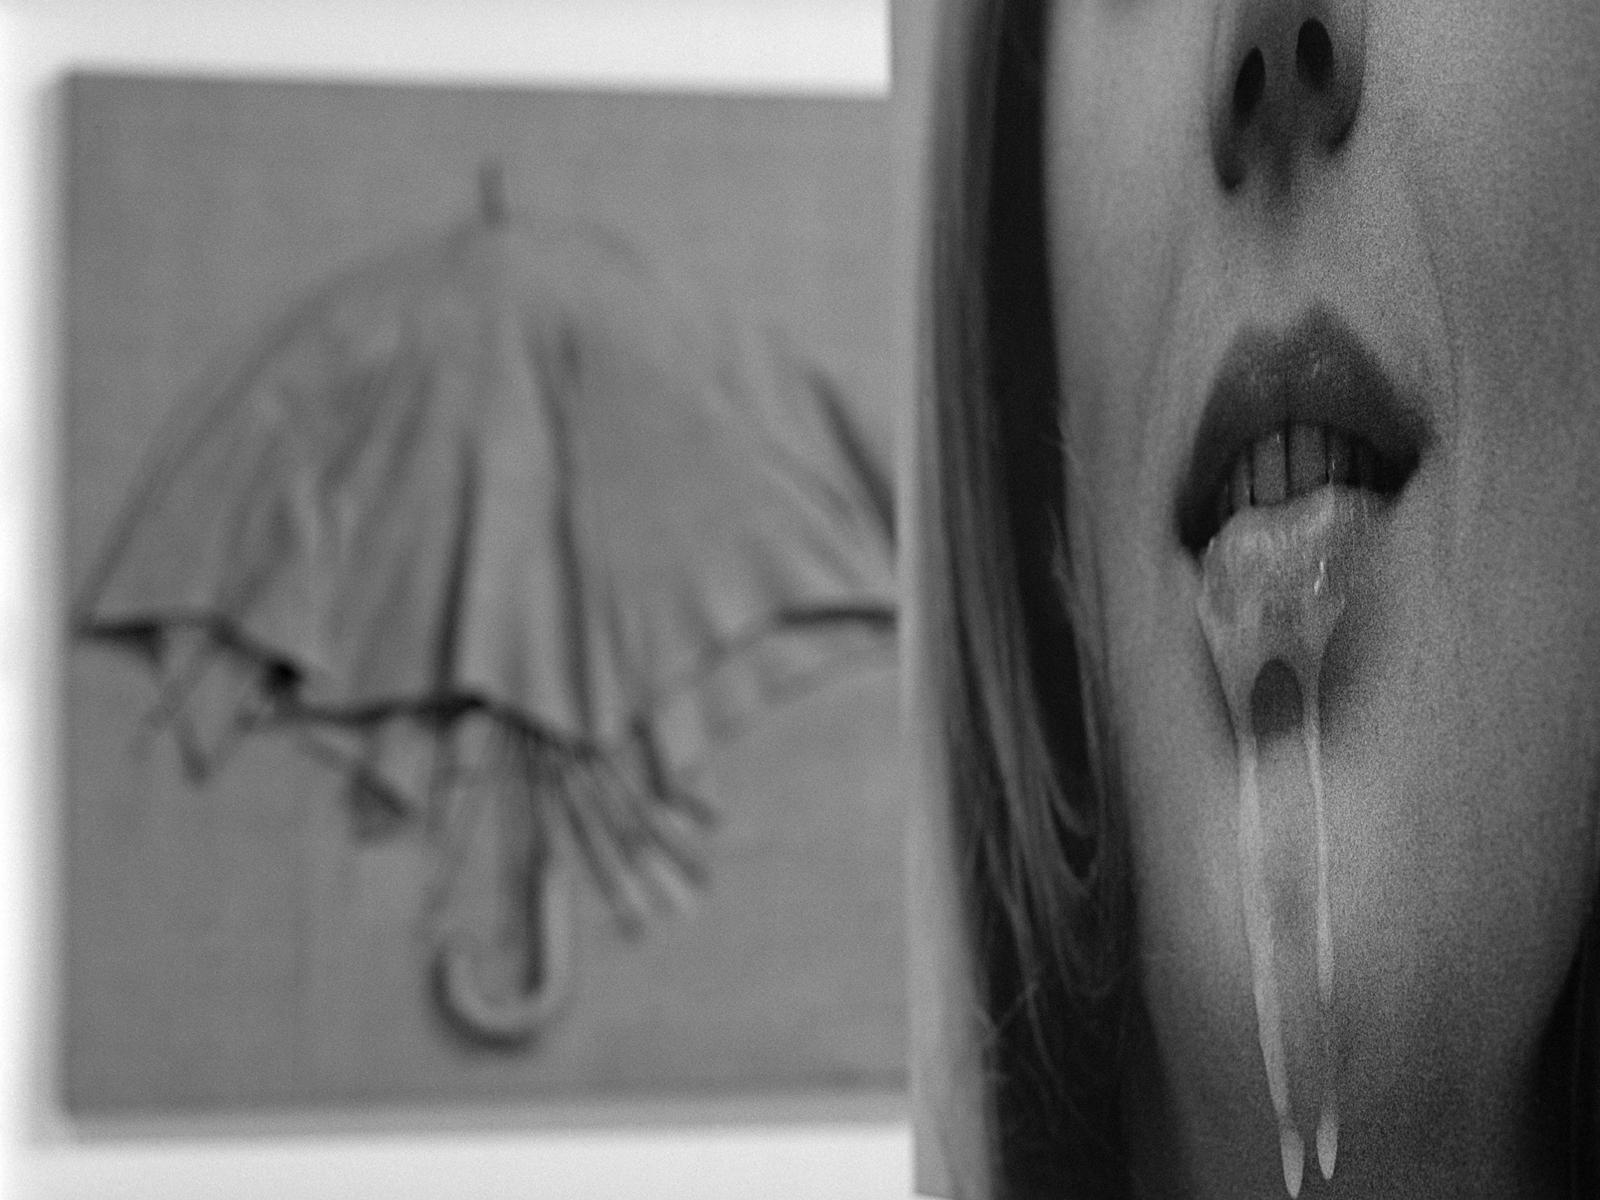 Tekst ilustruje dokumentacja fotograficzna 4. edycji Międzynarodowej Kolekcji Sztuki Współczesnej CSW Zamek Ujazdowski wykonana przezKrzysztofa Pijarskiego